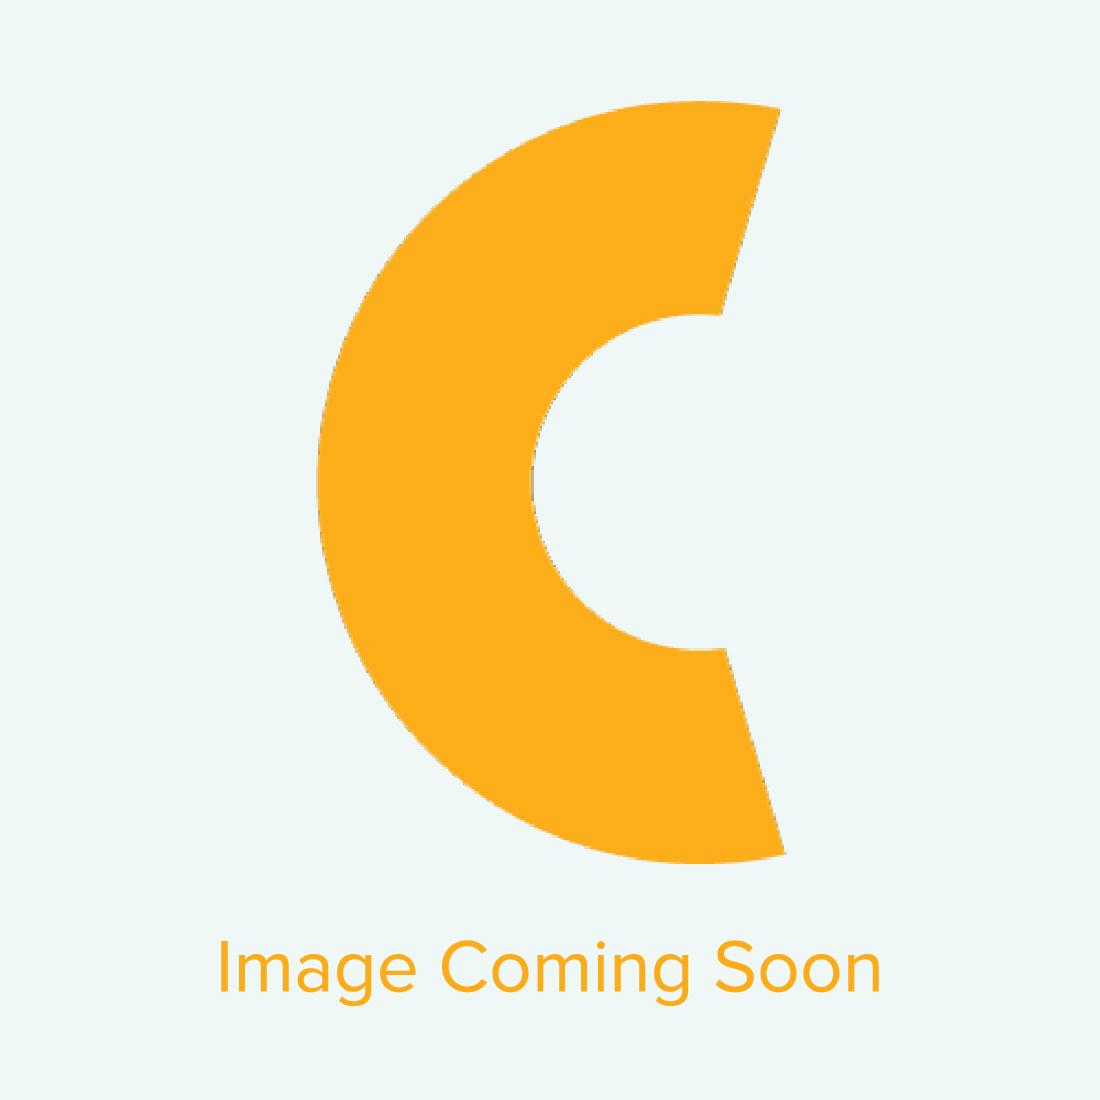 Polyprint TexJet echo2 Refillable Cartridge Kit